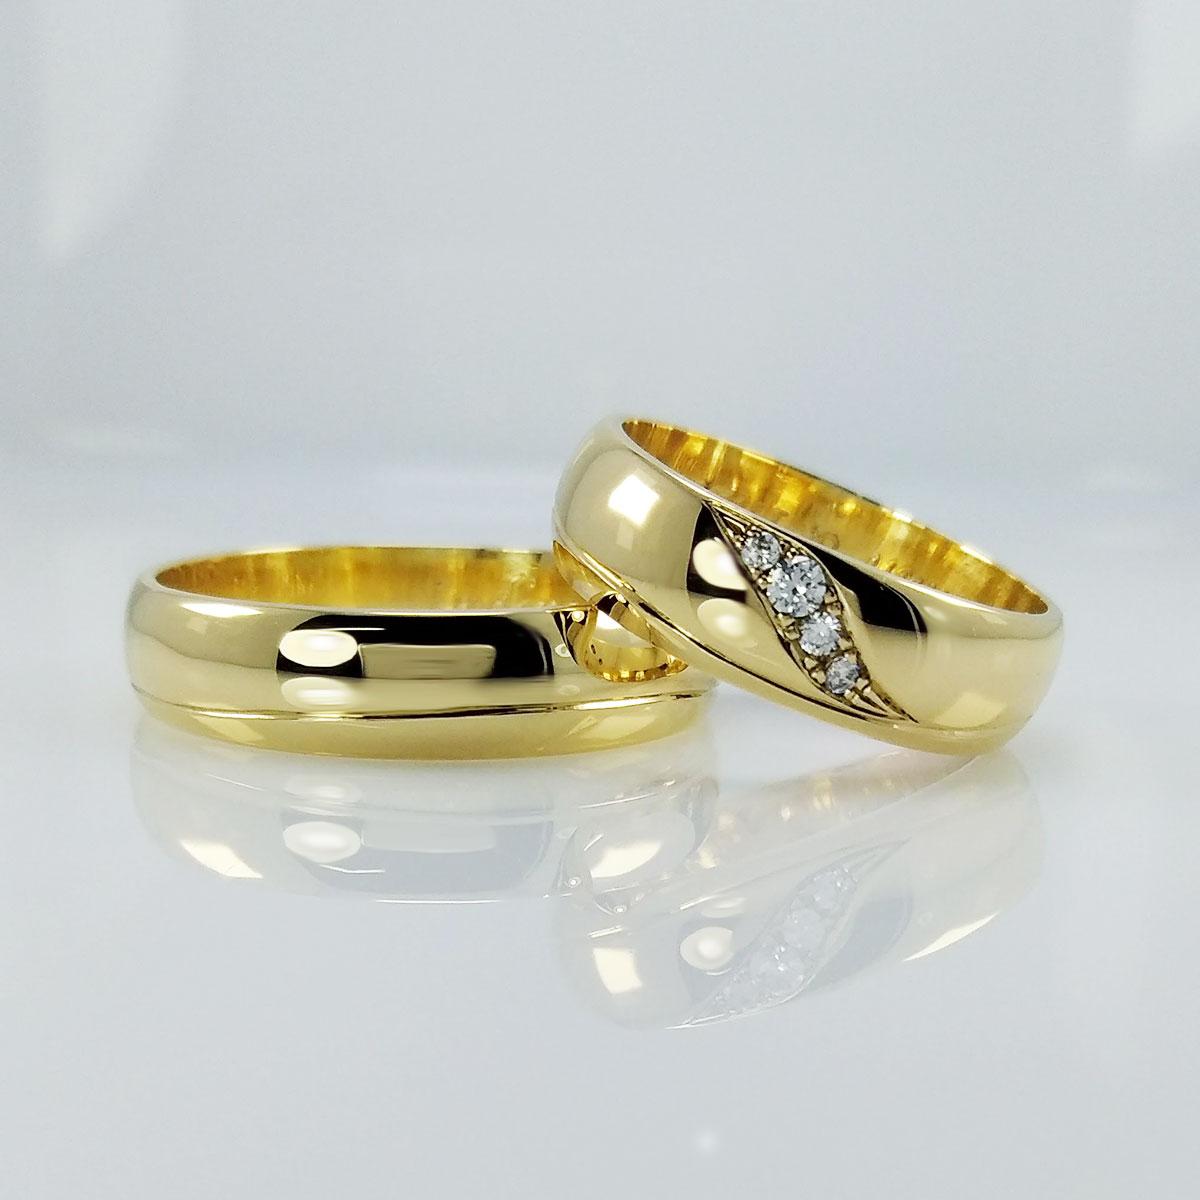 Argollas de matrimonio joyer a el se or de los anillos for Anillos de rodio precio